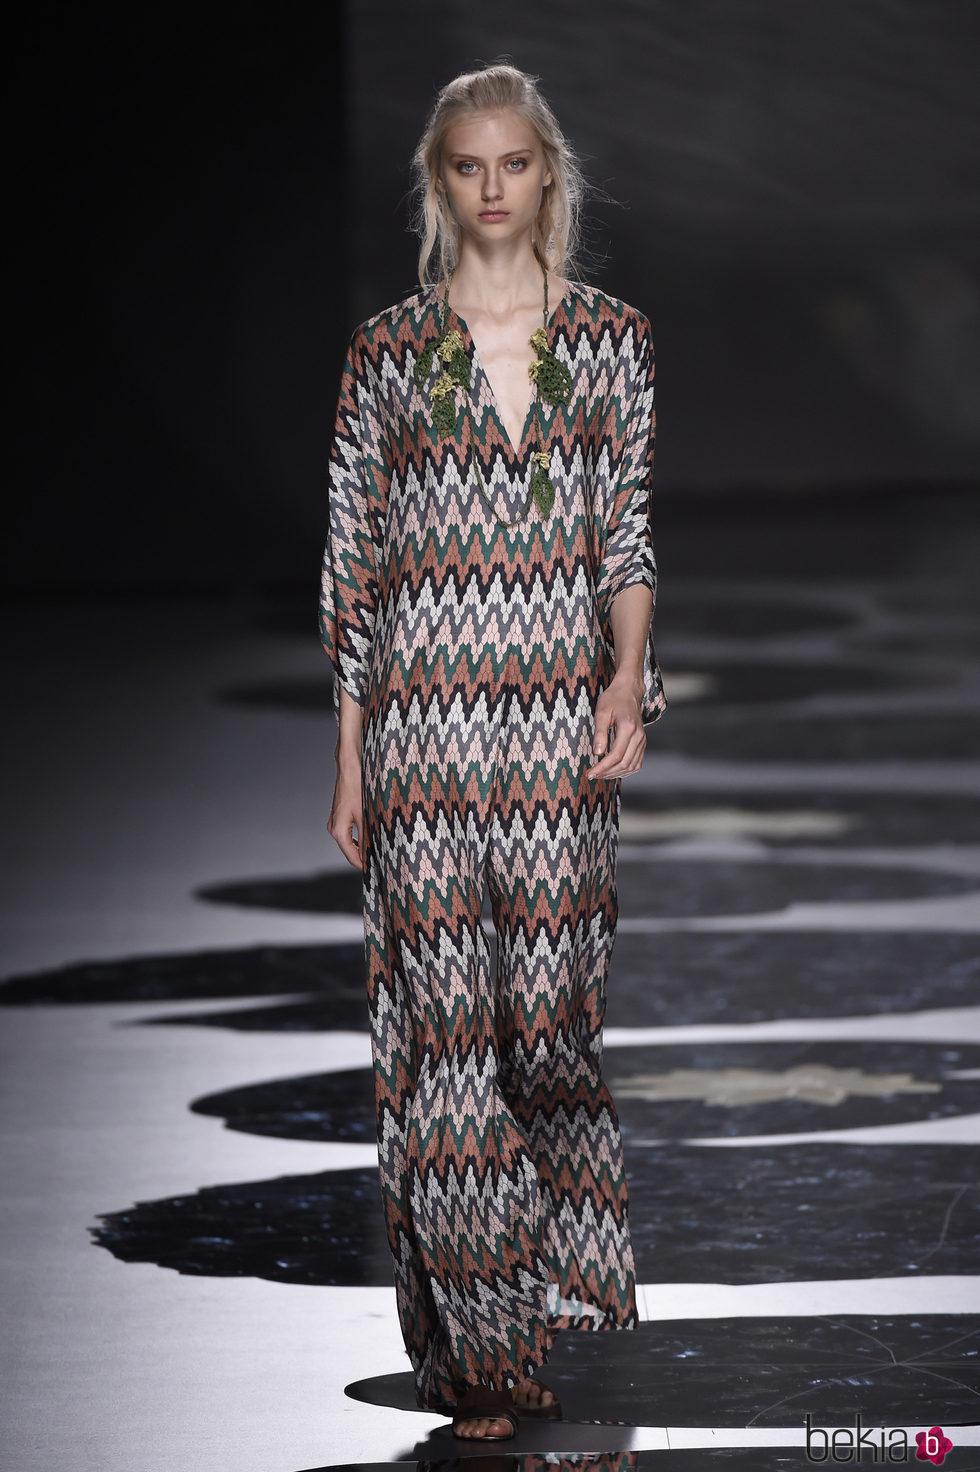 Vestido con estampado étnico de Alianto primavera/verano 2017 Madrid Fashion Week